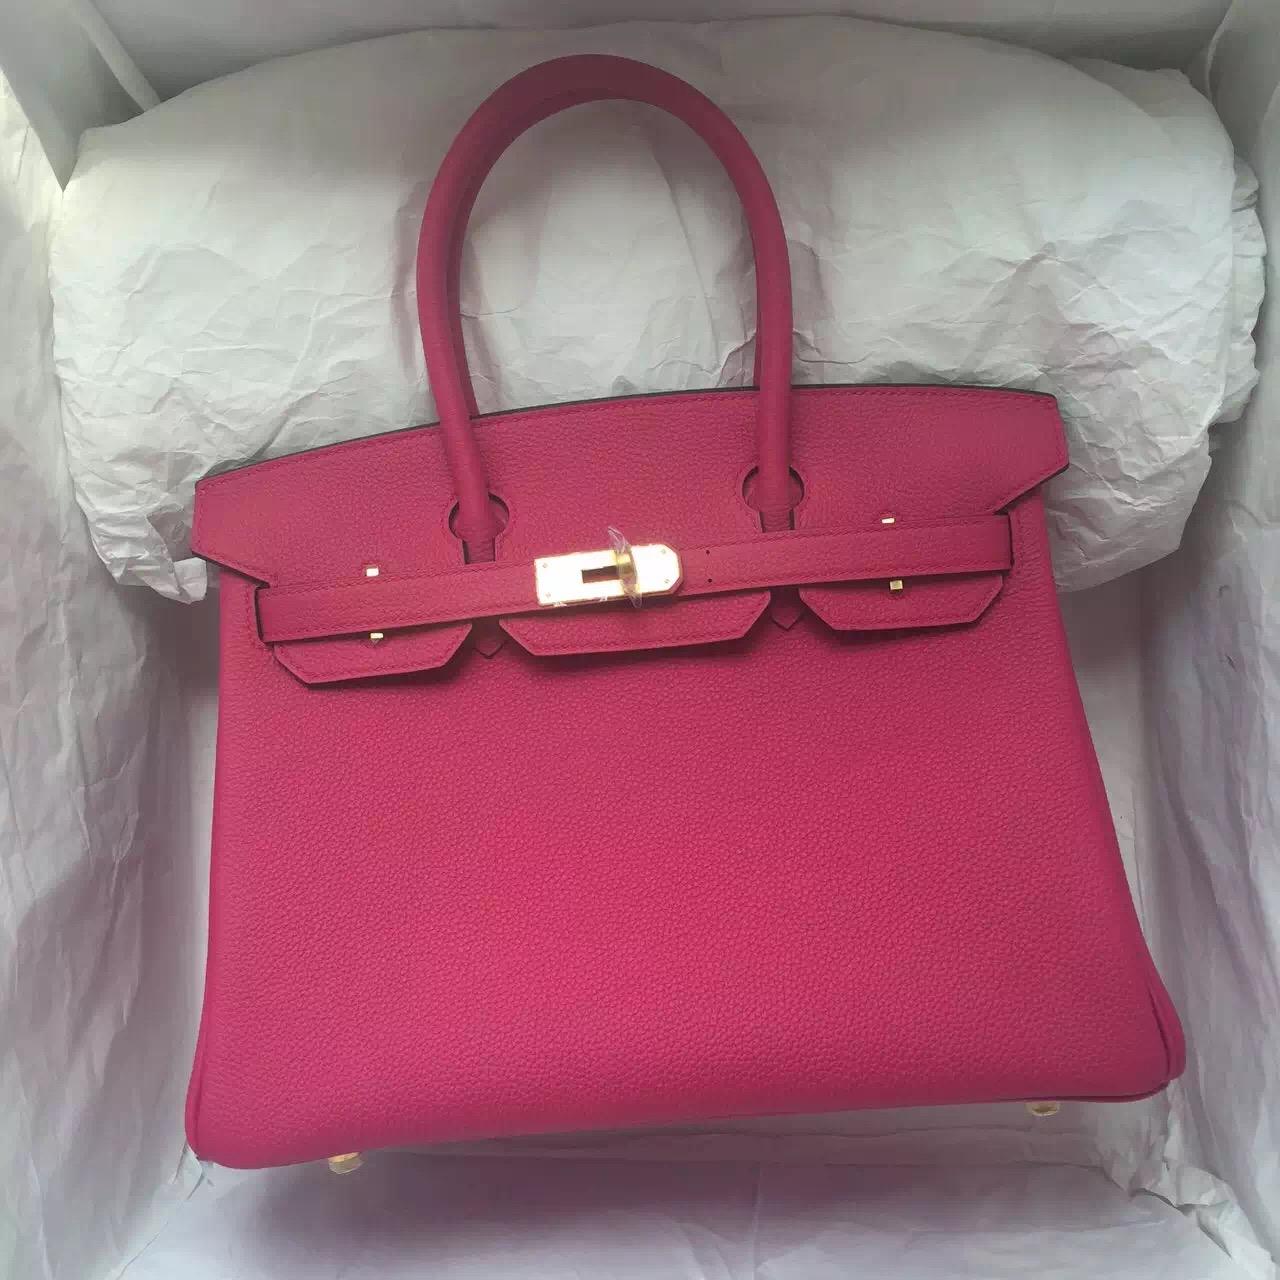 Wholesale Hermes 5R Hot Pink Togo Leather Birkin Bag 30CM Women's Tote Bag